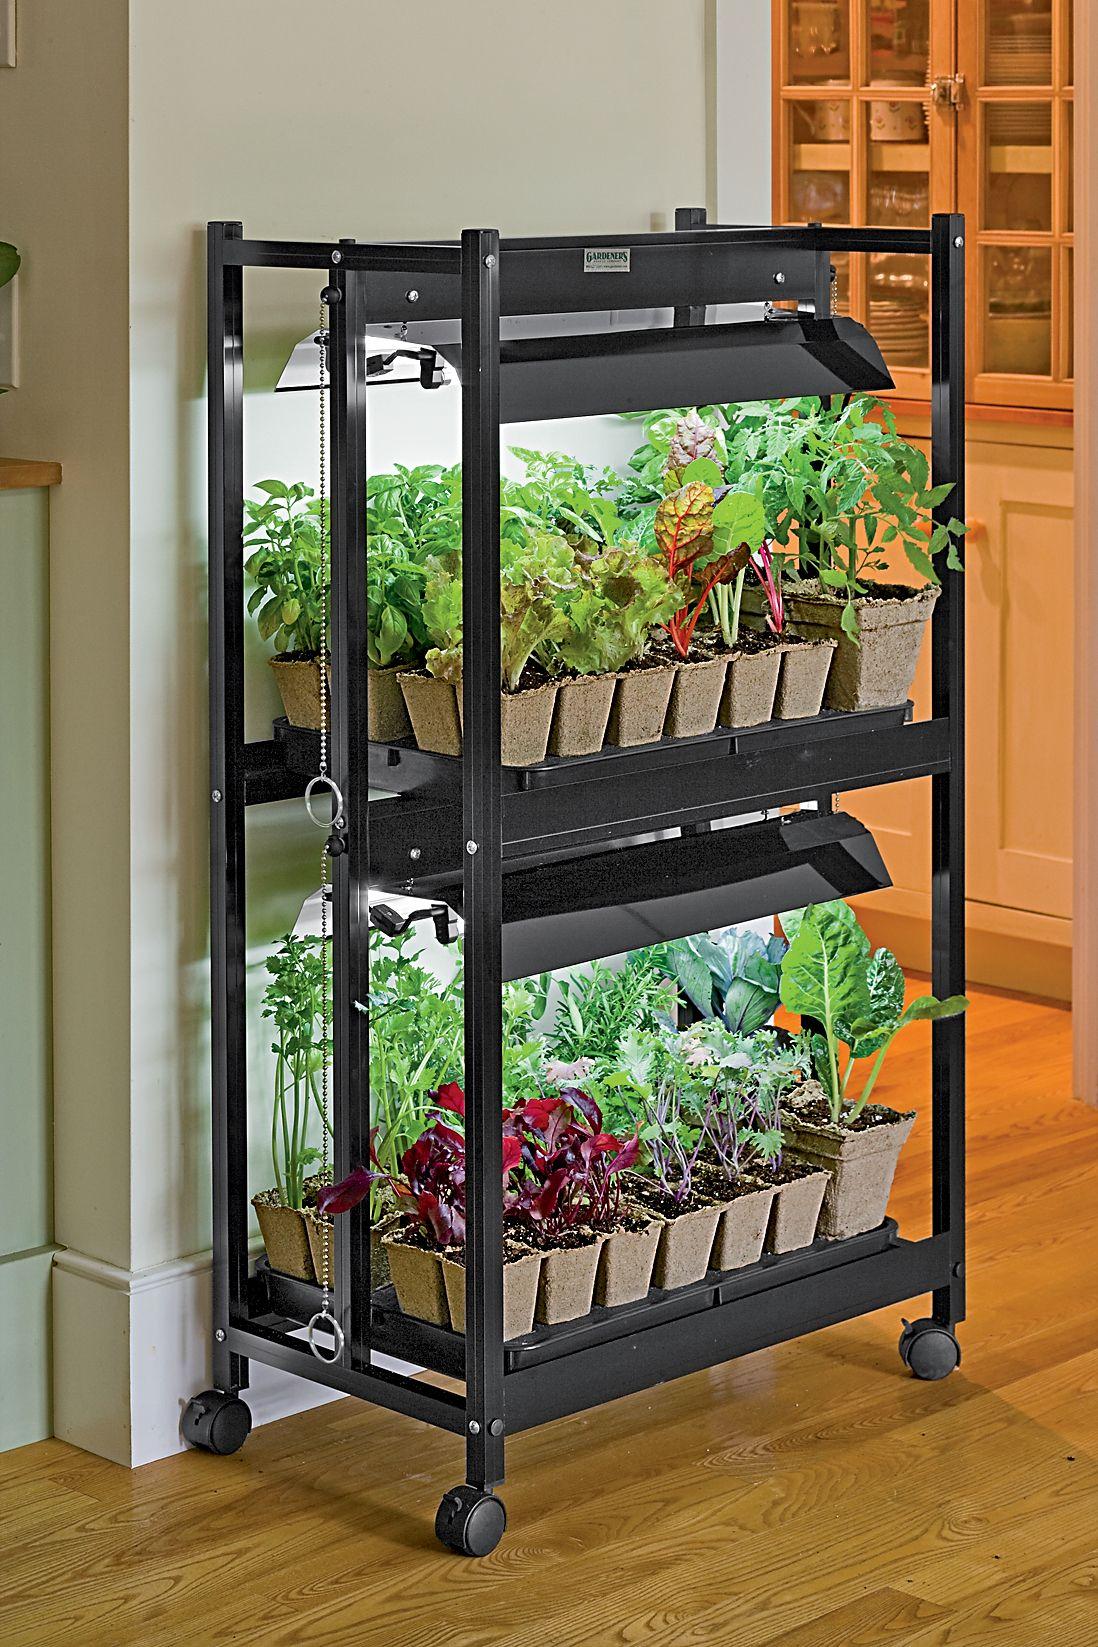 रैंक प्लांट्स स्टैंड  भी आपकी किचन को खूबसूरत दिखाएंगे।